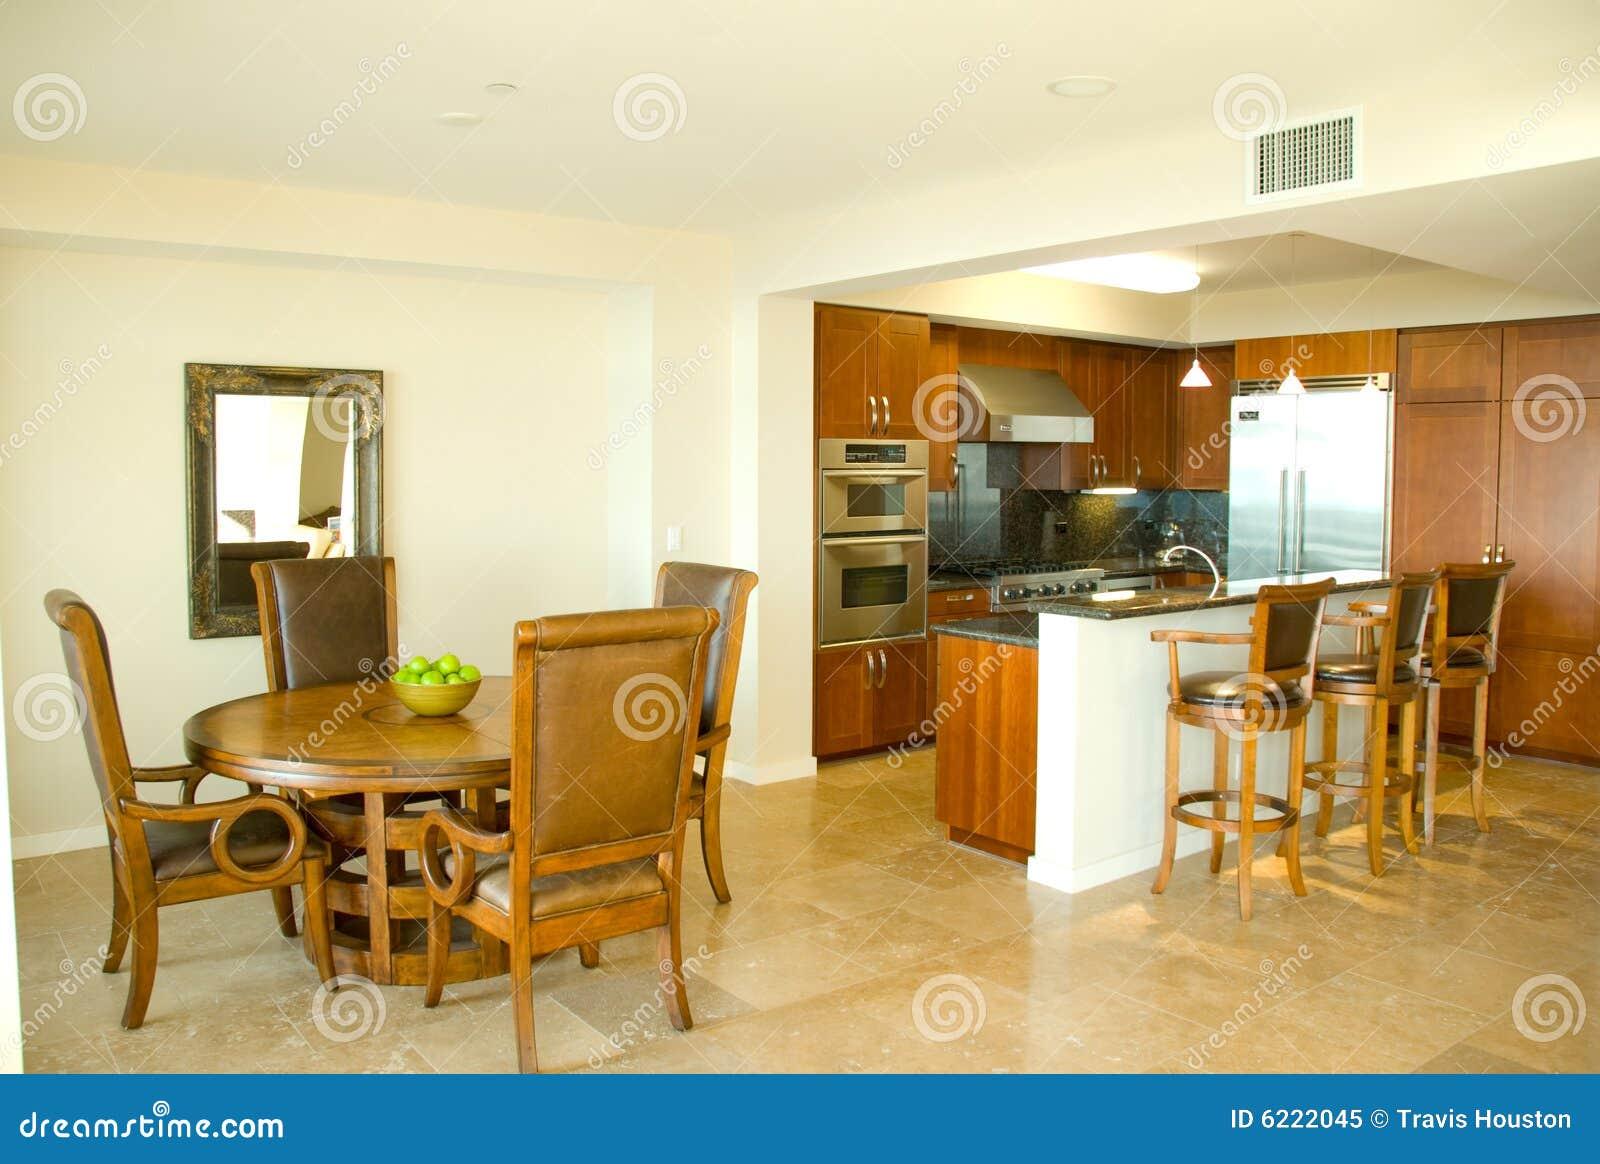 Cozinha E Sala De Jantar Do Desenhador Do Gourmet Imagem De Stock